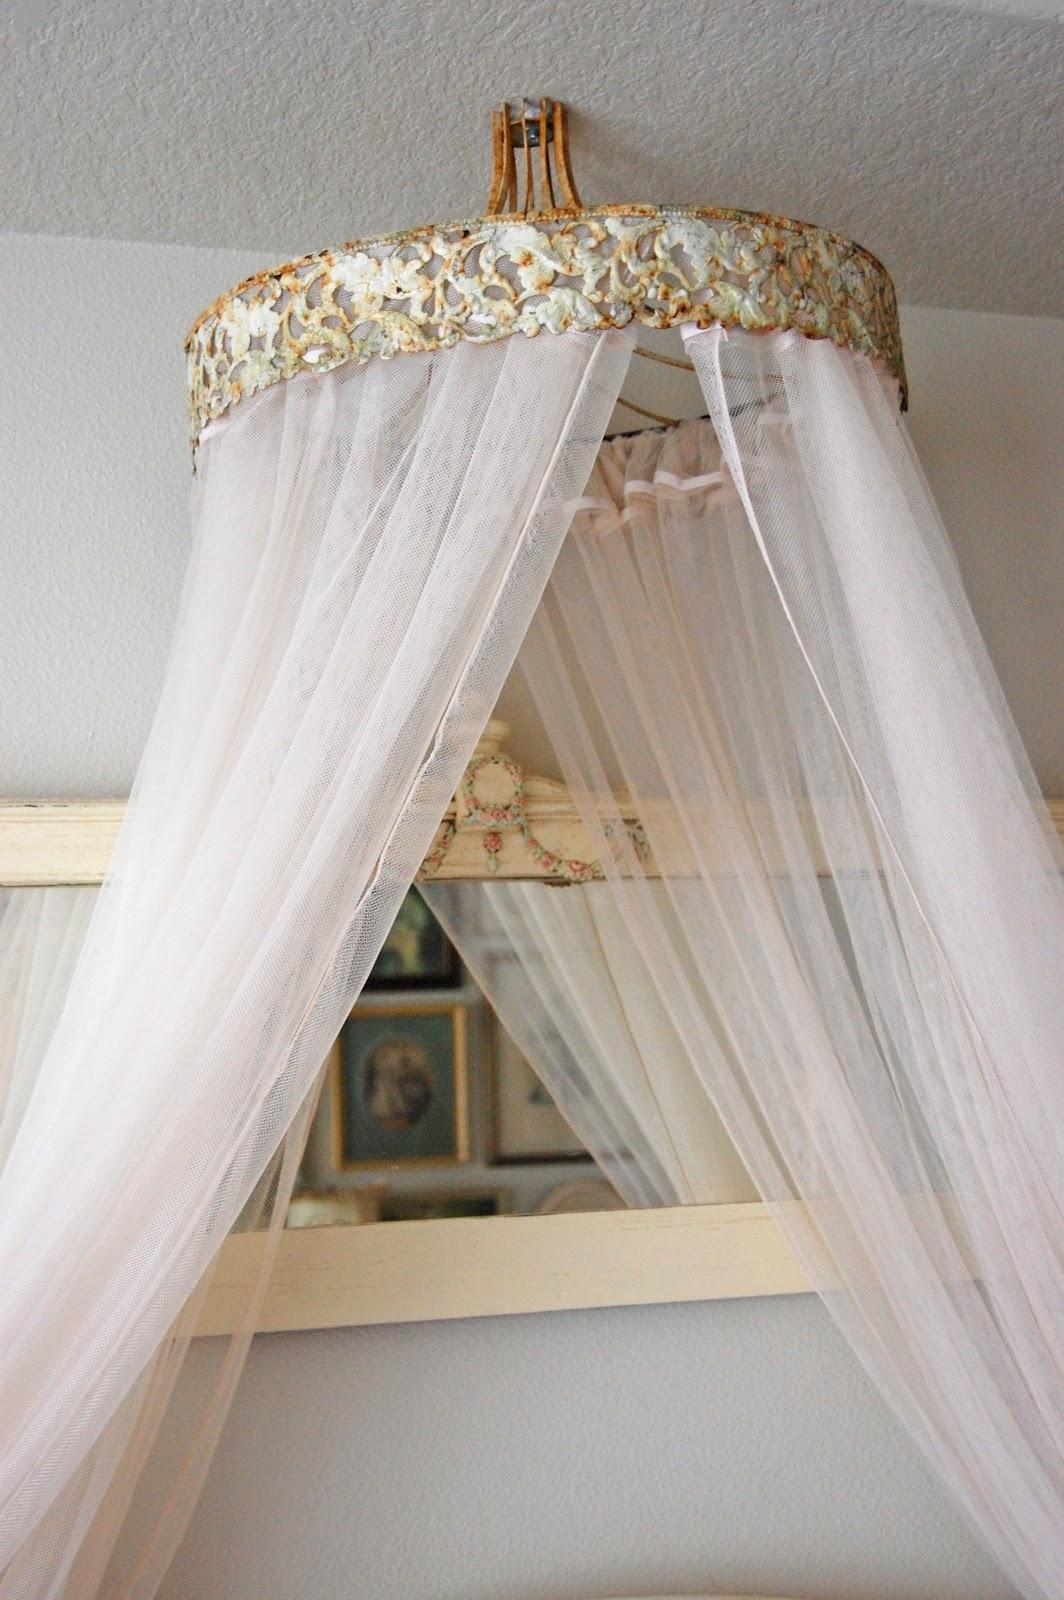 maison douce a romantic ciel de lit. Black Bedroom Furniture Sets. Home Design Ideas